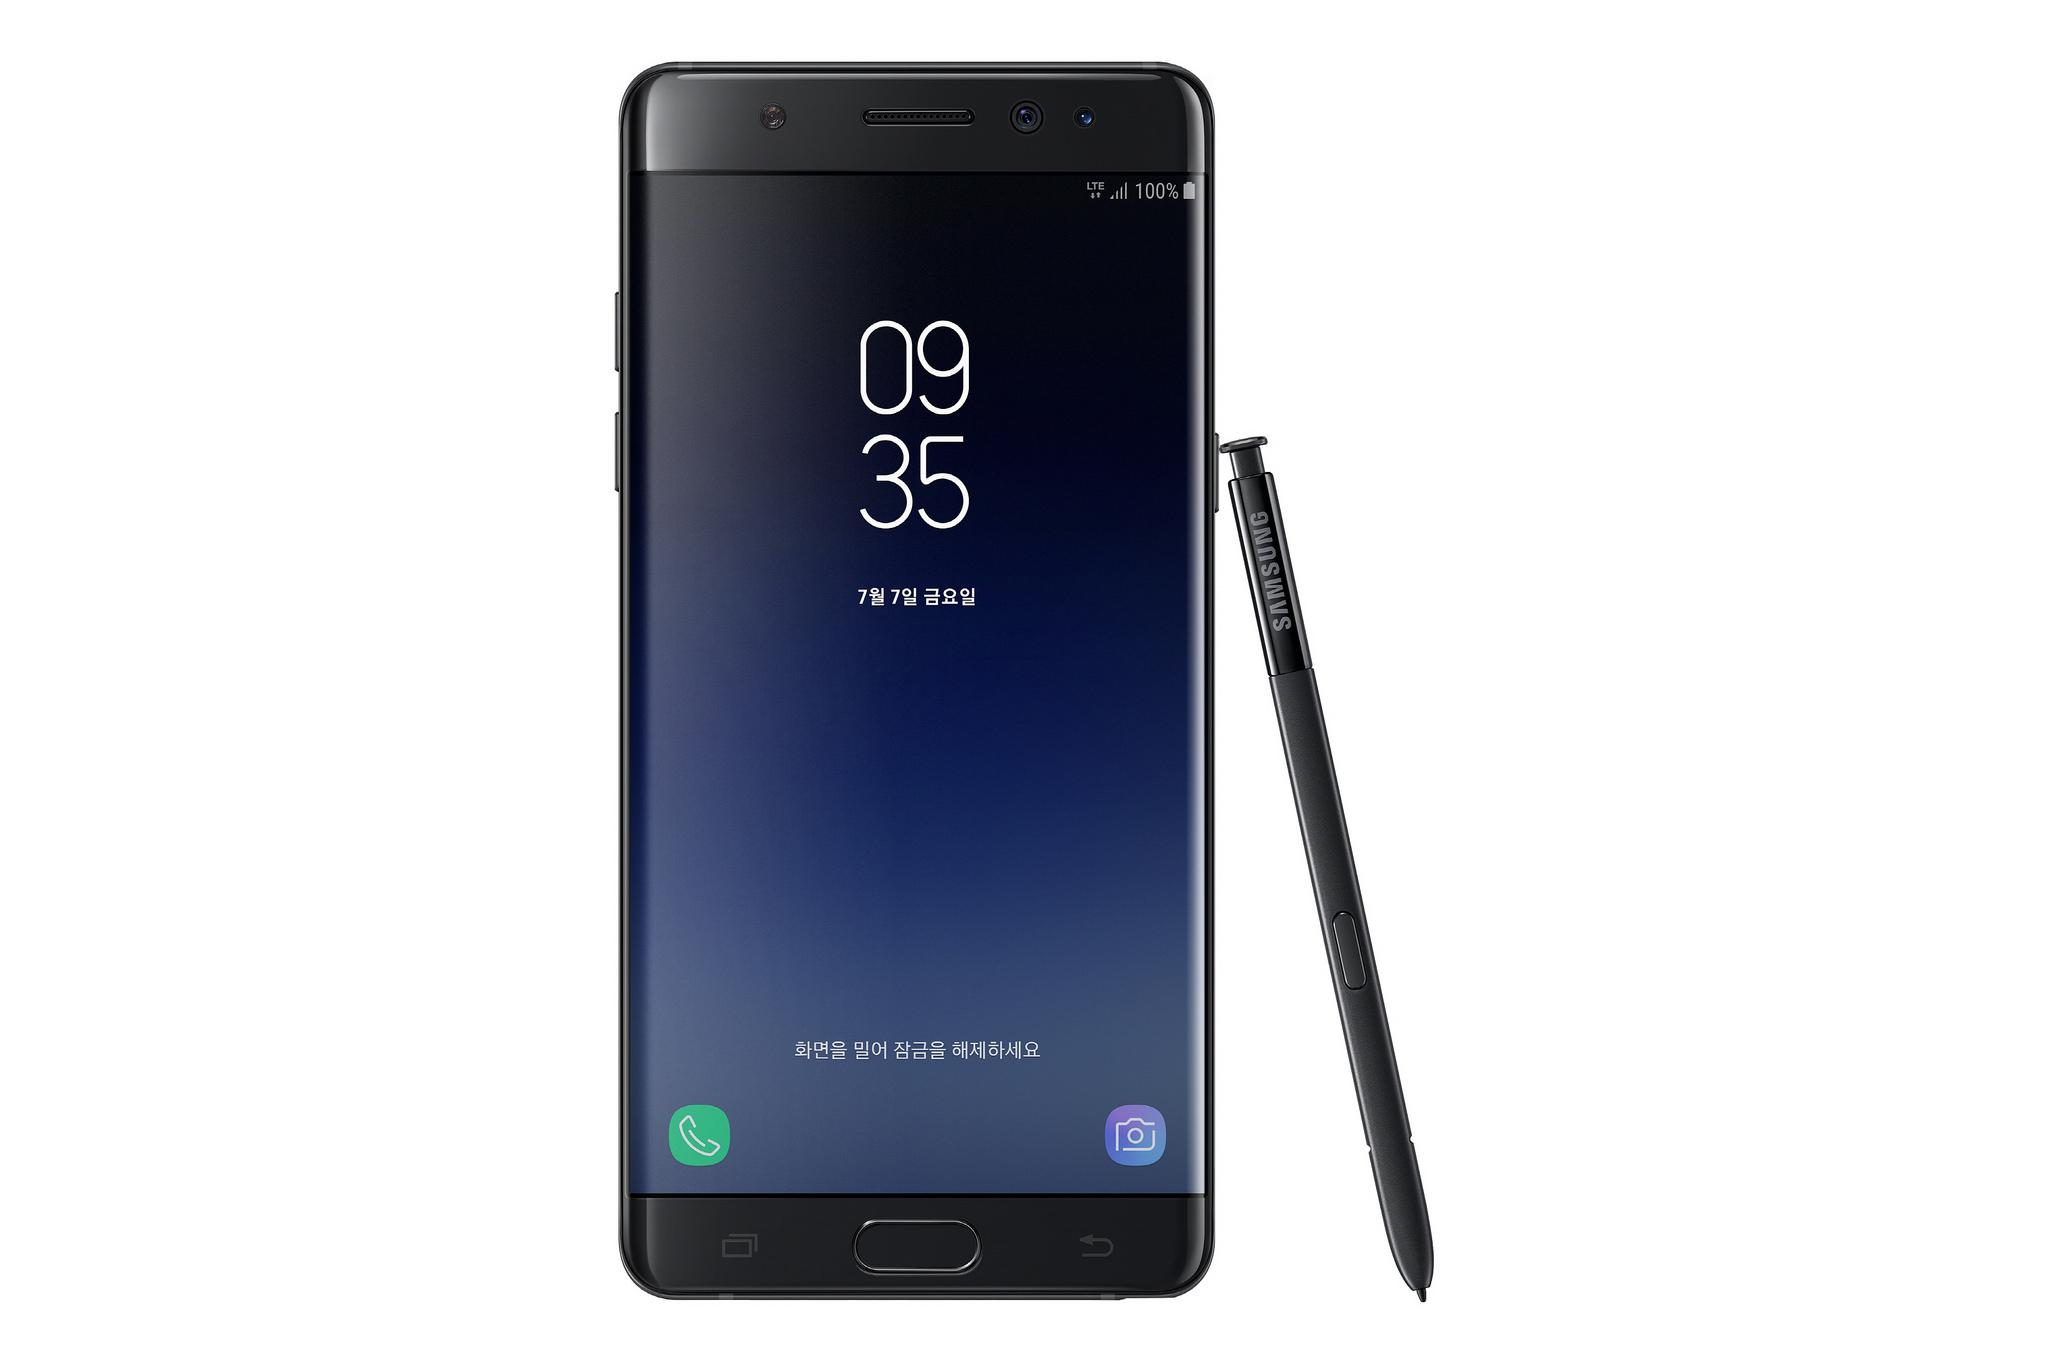 Samsung's Galaxy Note Fan Edition is a refurbished Galaxy